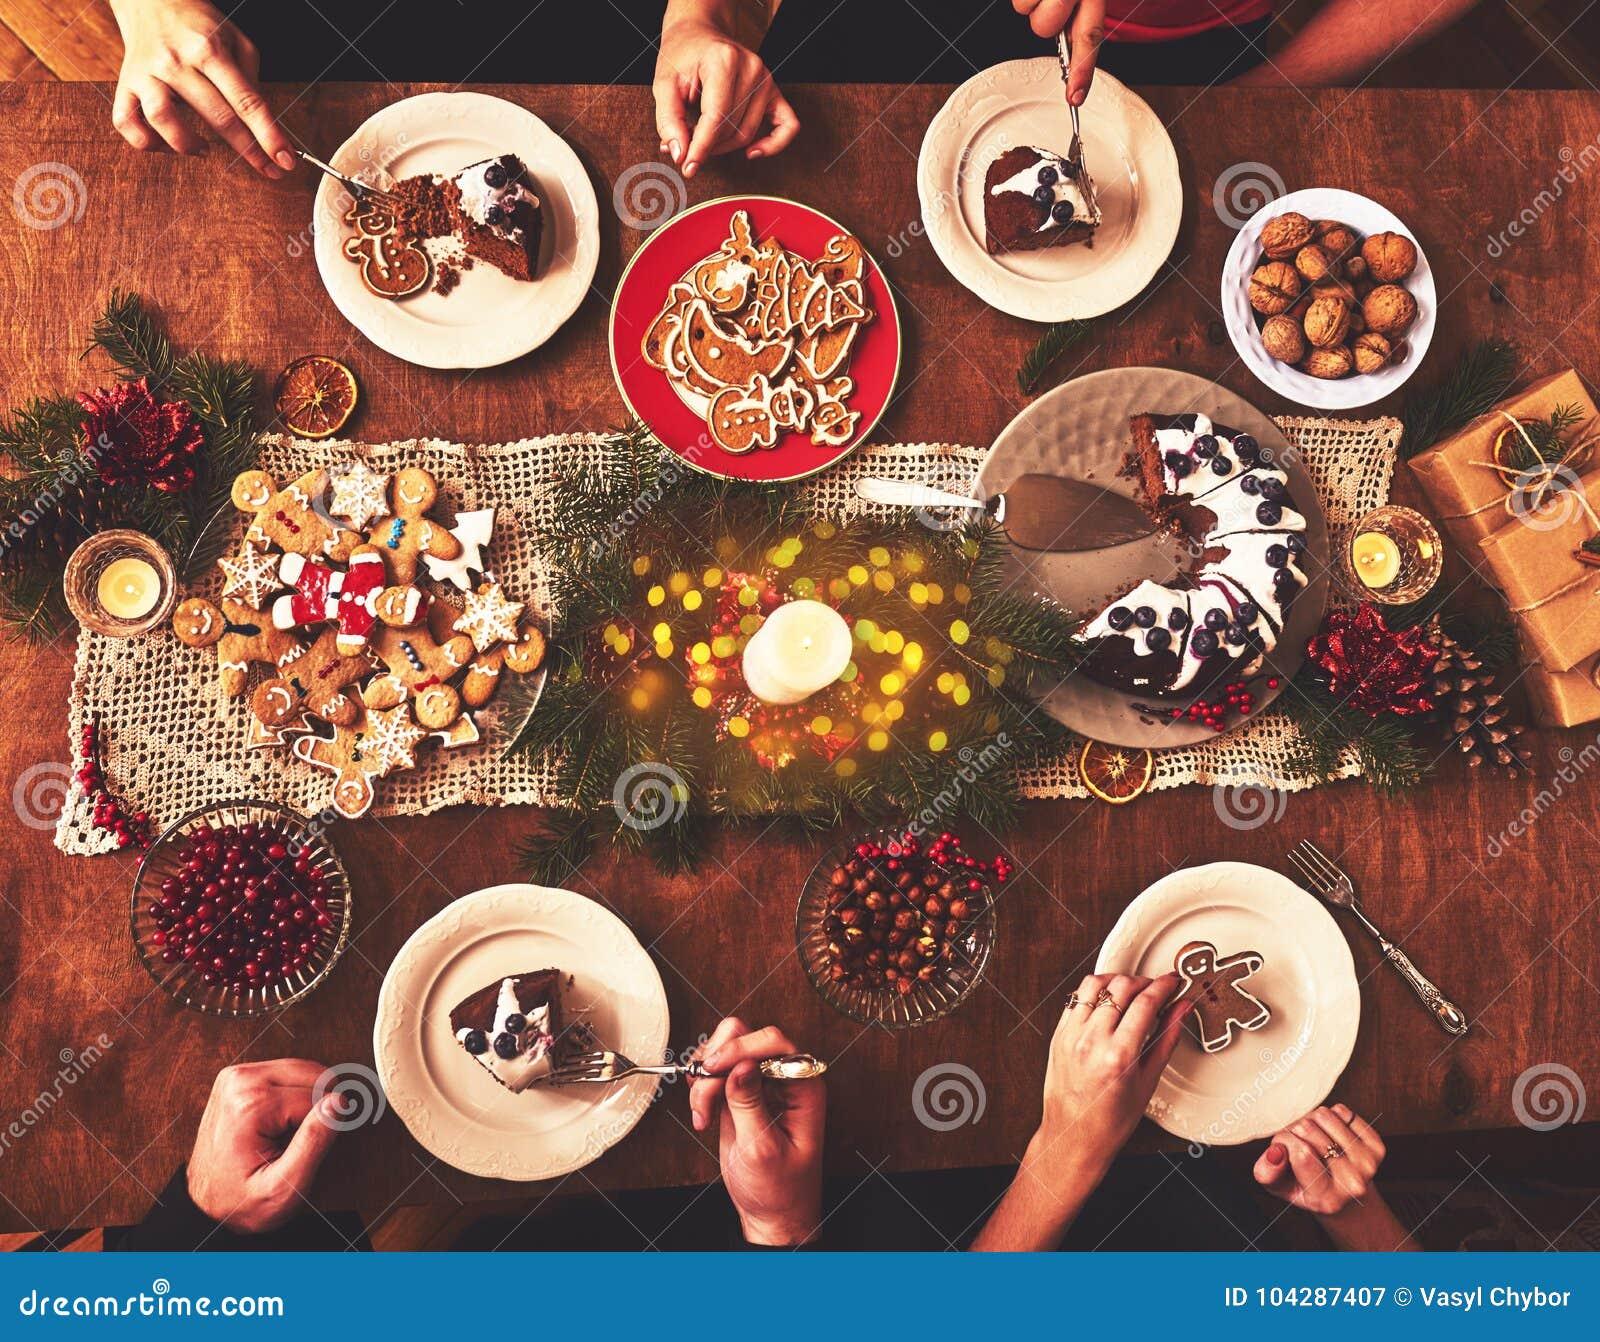 La vue courbe de la table a servi au dîner de famille de Noël tabulateur